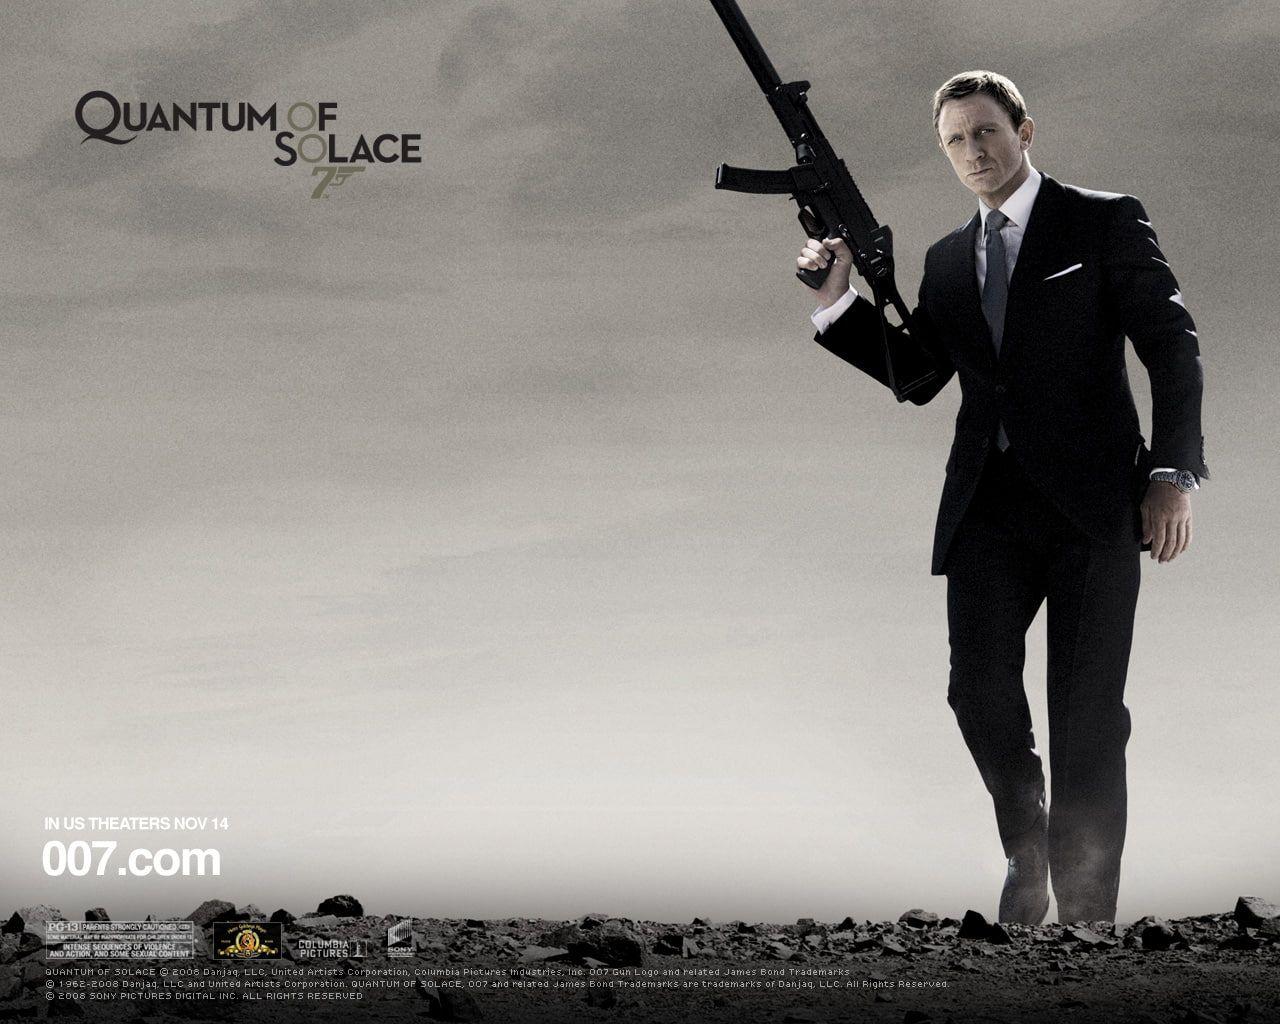 James Bond #007 Quantum of Solace movie ...